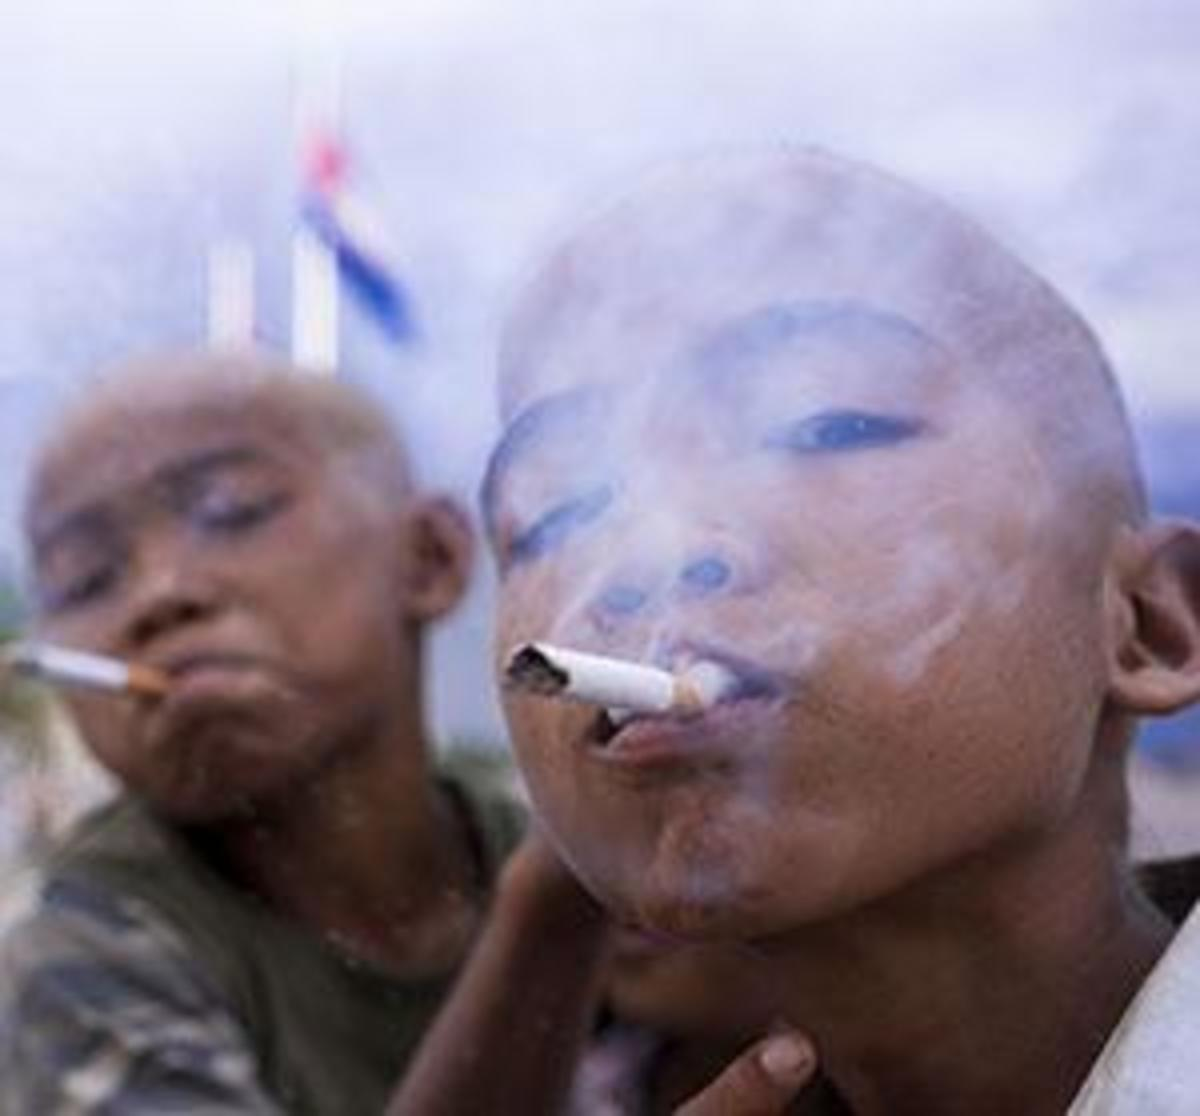 Children Smoking Nyaope